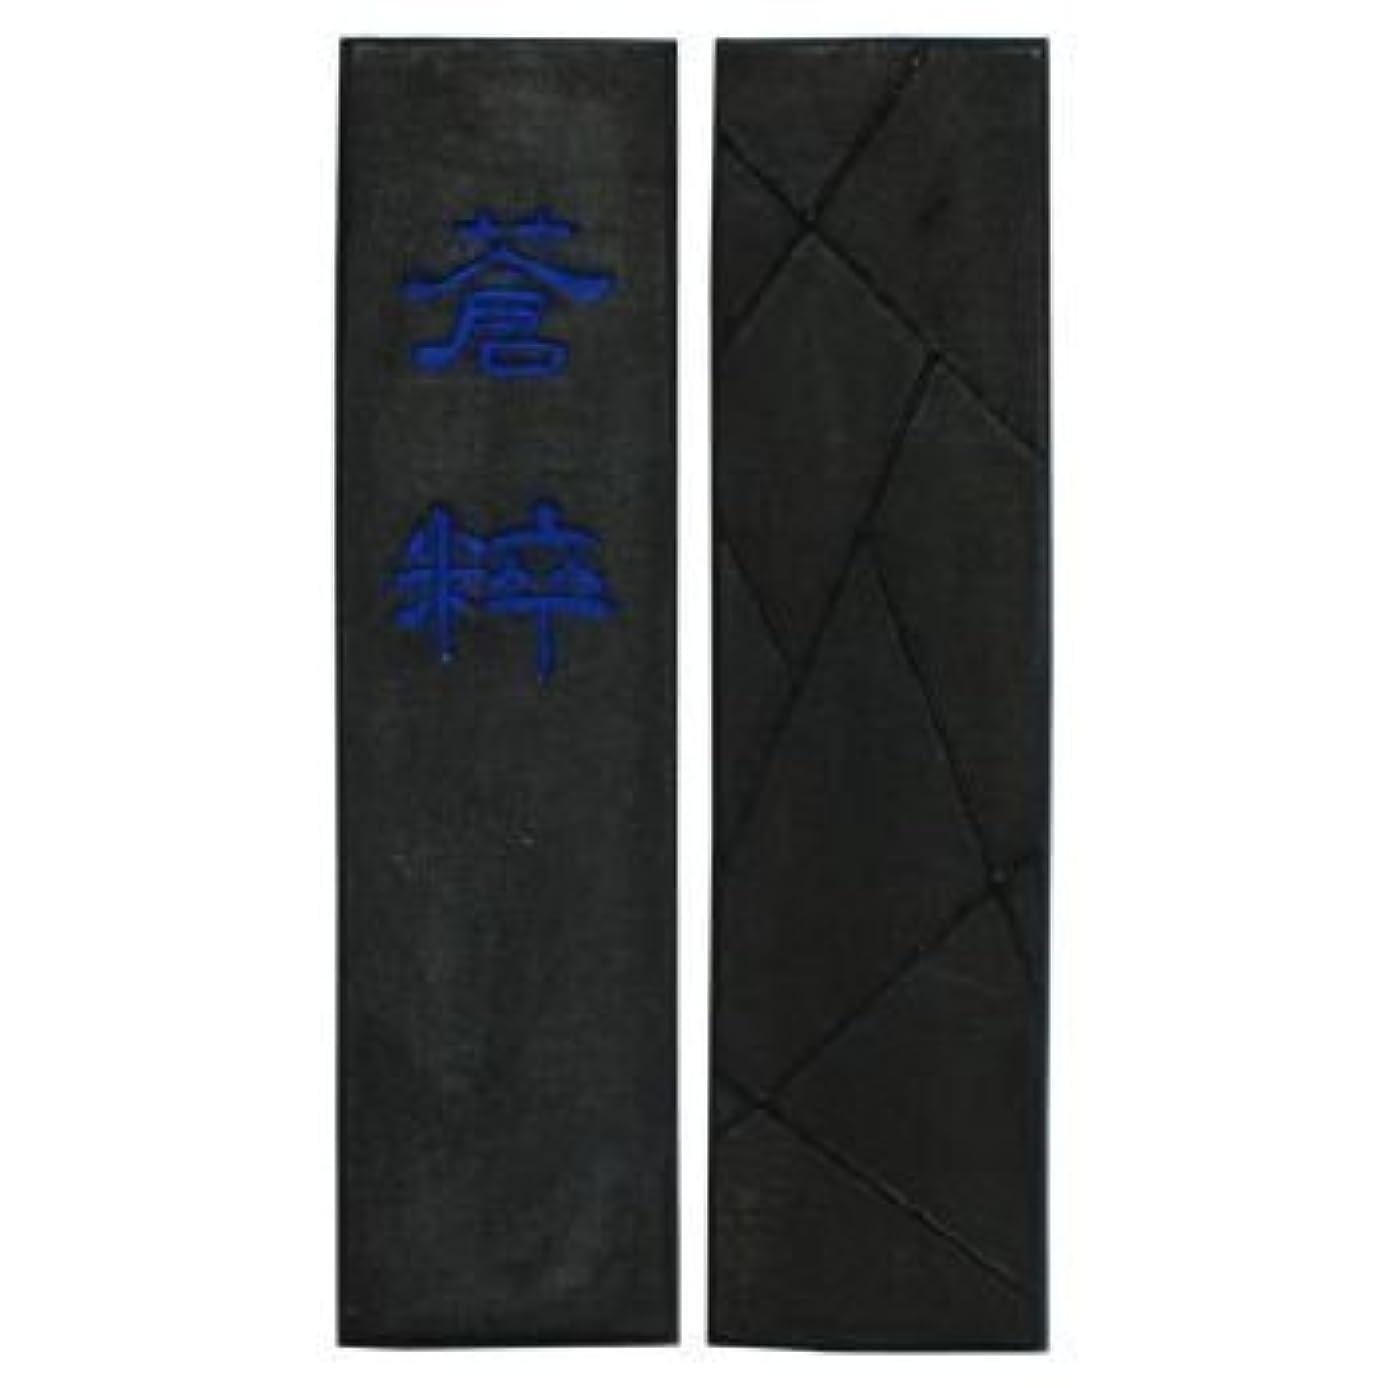 ミサイル寝具学んだ鈴鹿墨 蒼粋(ソウスイ) 1.5丁型 青墨